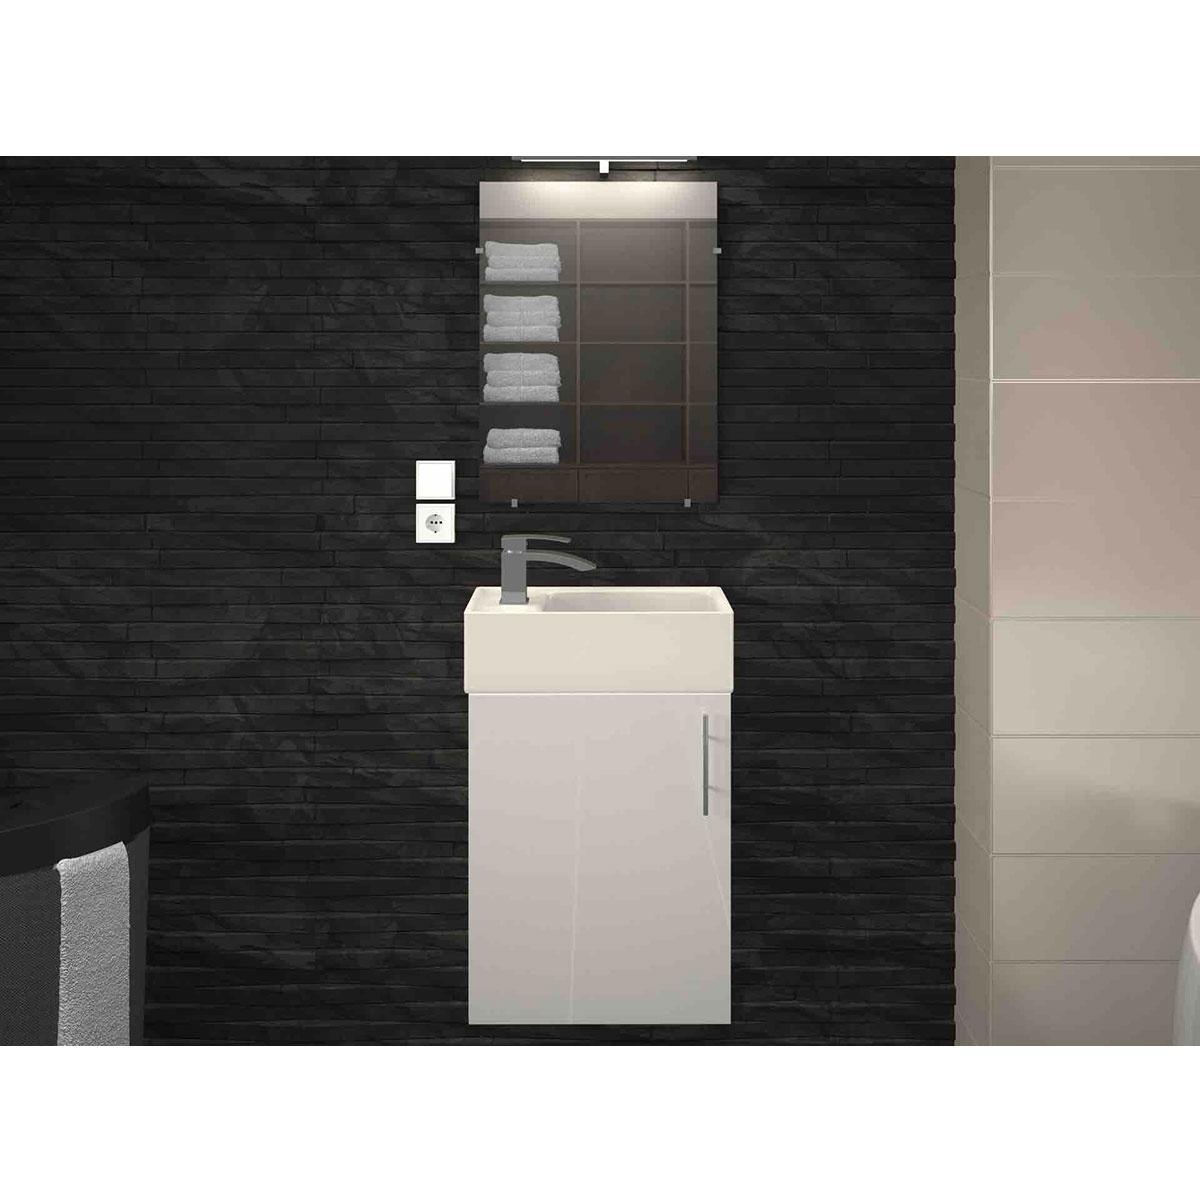 Ensemble meuble et vasque pour petit espace (Blanc)